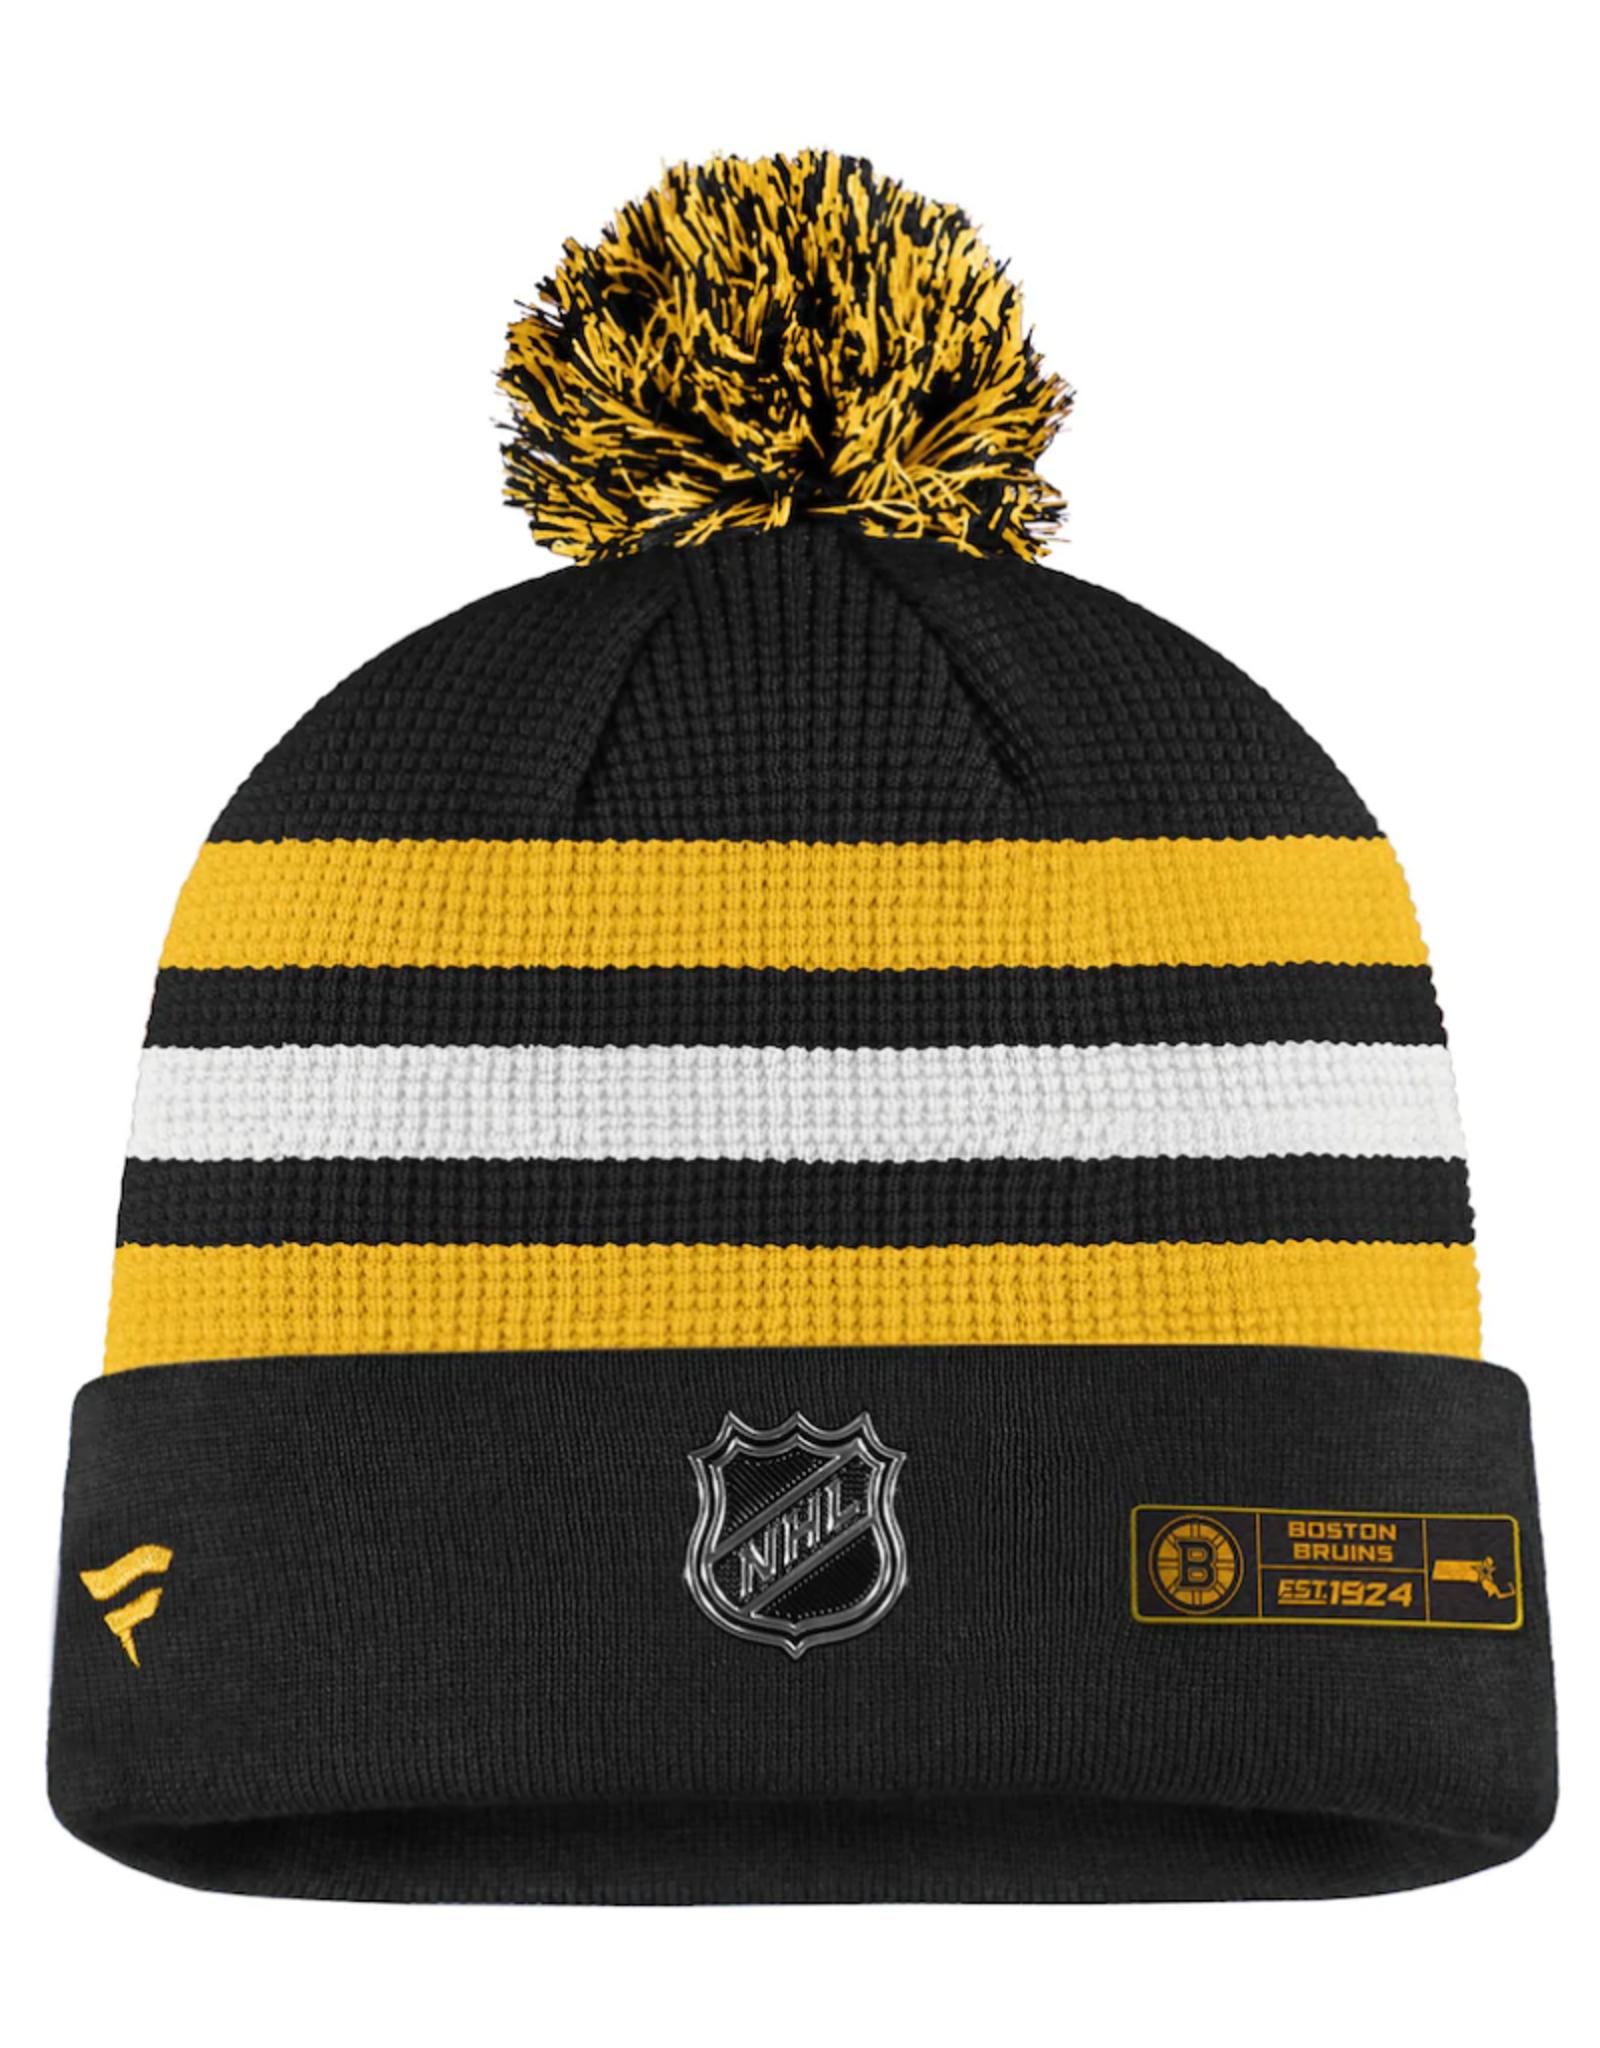 Fanatics Fanatics Men's Locker Room '20 Draft Knit Boston Bruins Black